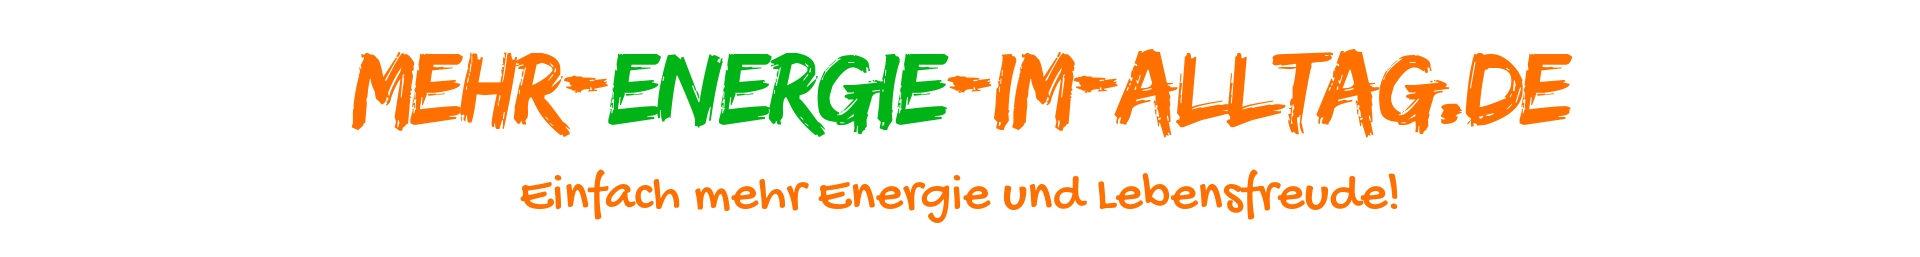 mehr-energie-im-alltag.de